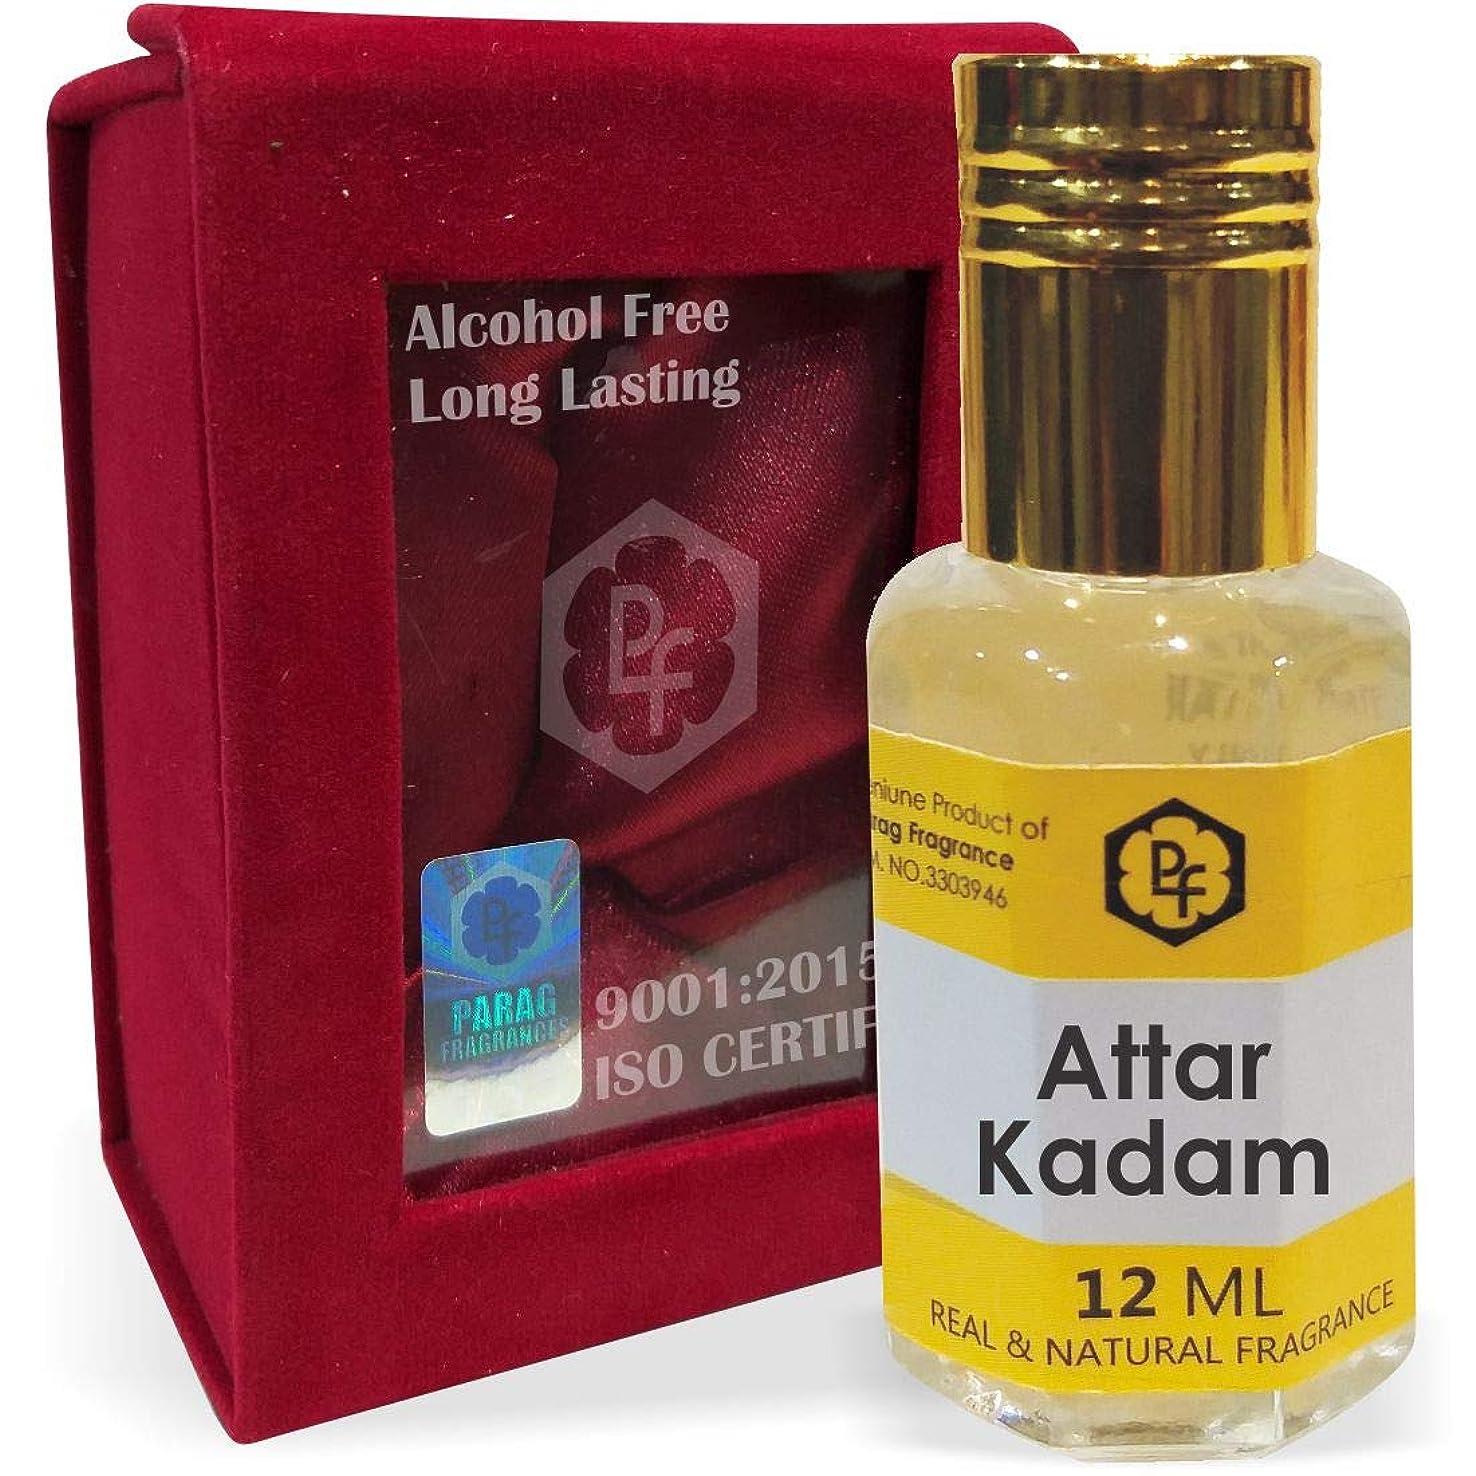 降臨ファンドモンキーParagフレグランス手作りベルベットボックスKadam 12ミリリットルアター/香水(インドの伝統的なBhapka処理方法により、インド製)オイル/フレグランスオイル|長持ちアターITRA最高の品質